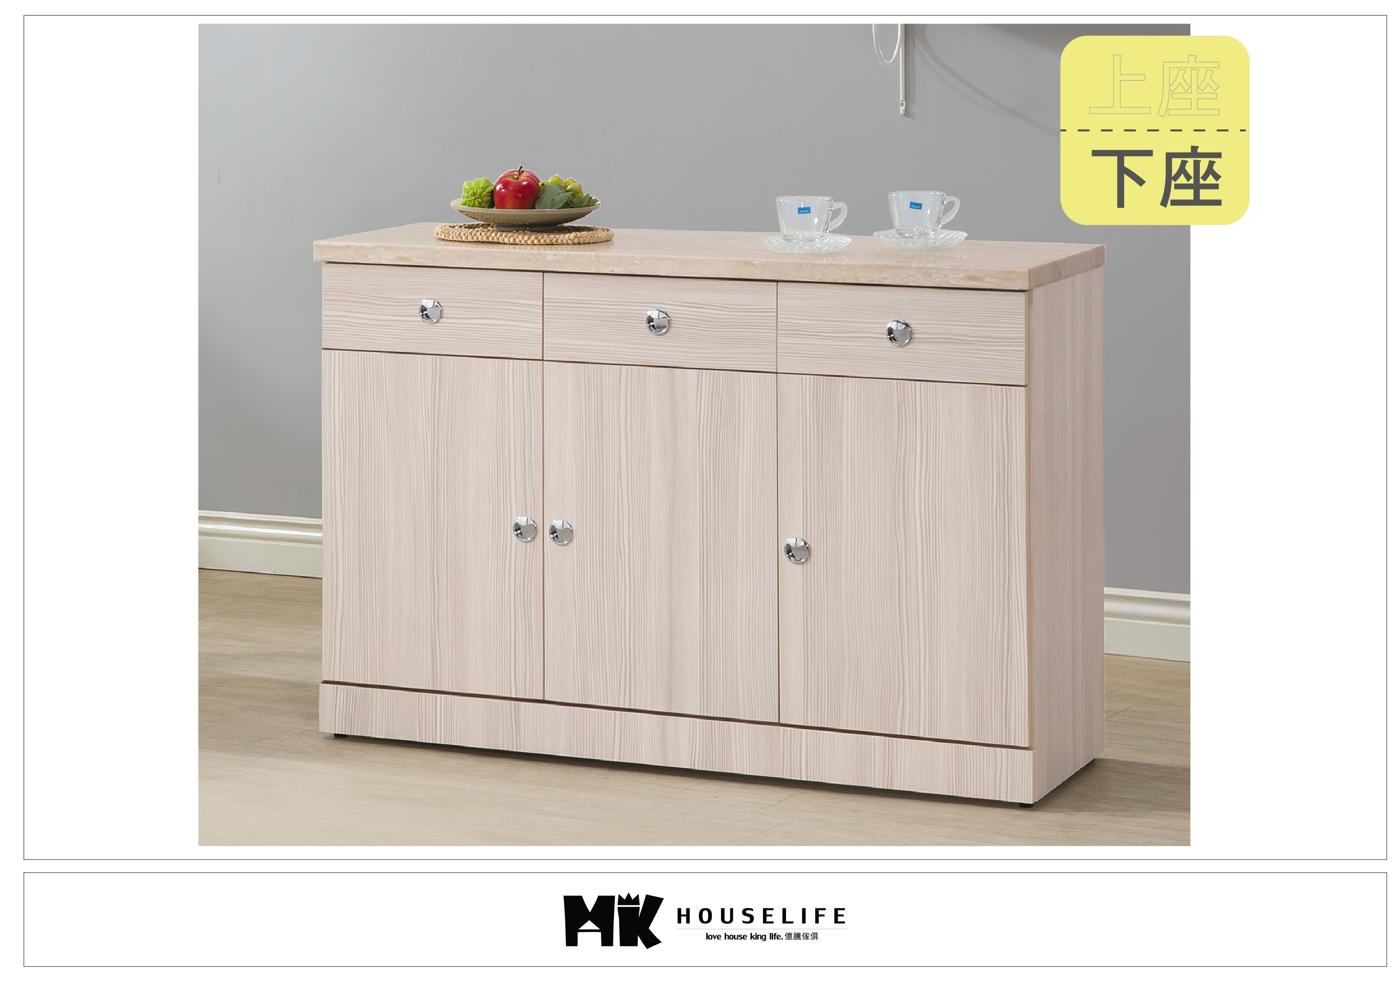 【MK億騰傢俱】BS296-02白雪杉仿石面4尺碗盤餐櫃